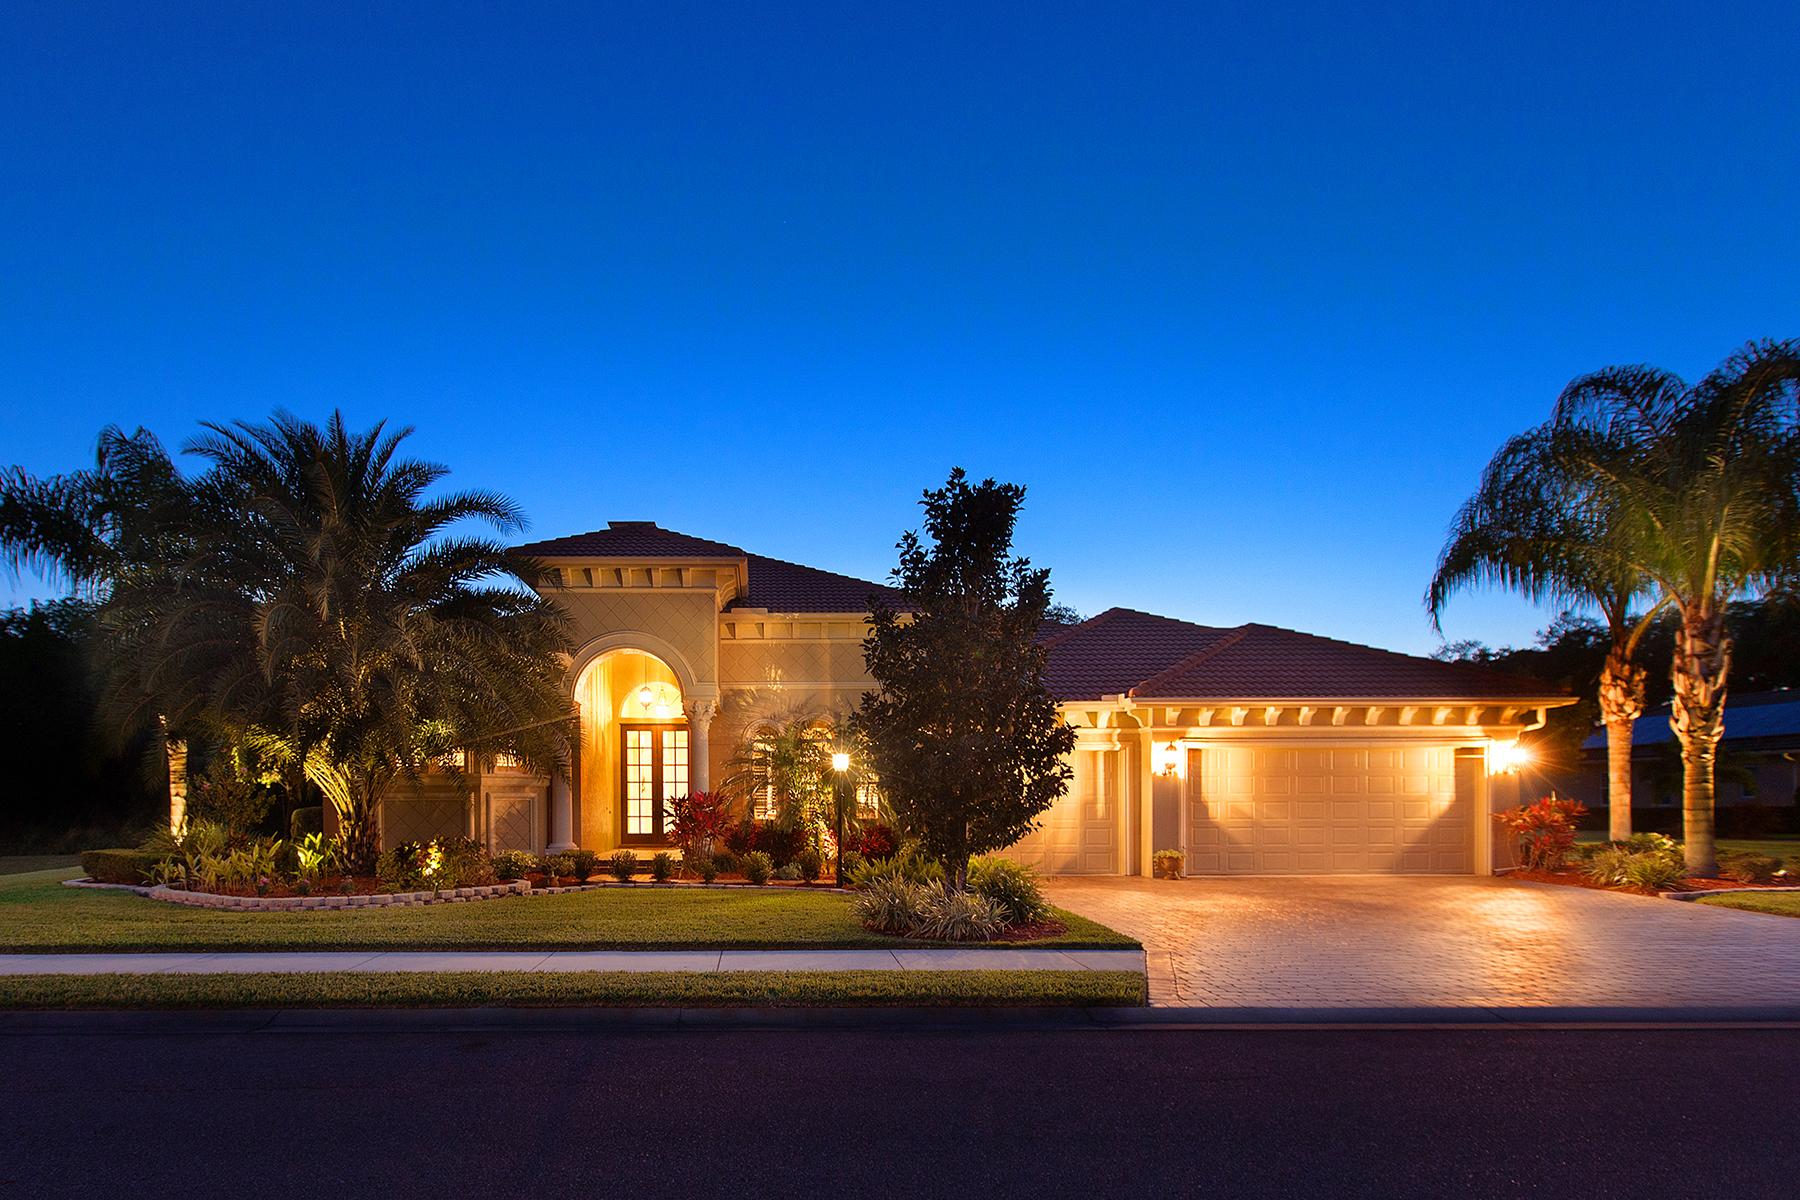 独户住宅 为 销售 在 1006 143rd St NE, Bradenton, FL 34212 1006 143rd St NE 布雷登顿, 佛罗里达州, 34212 美国